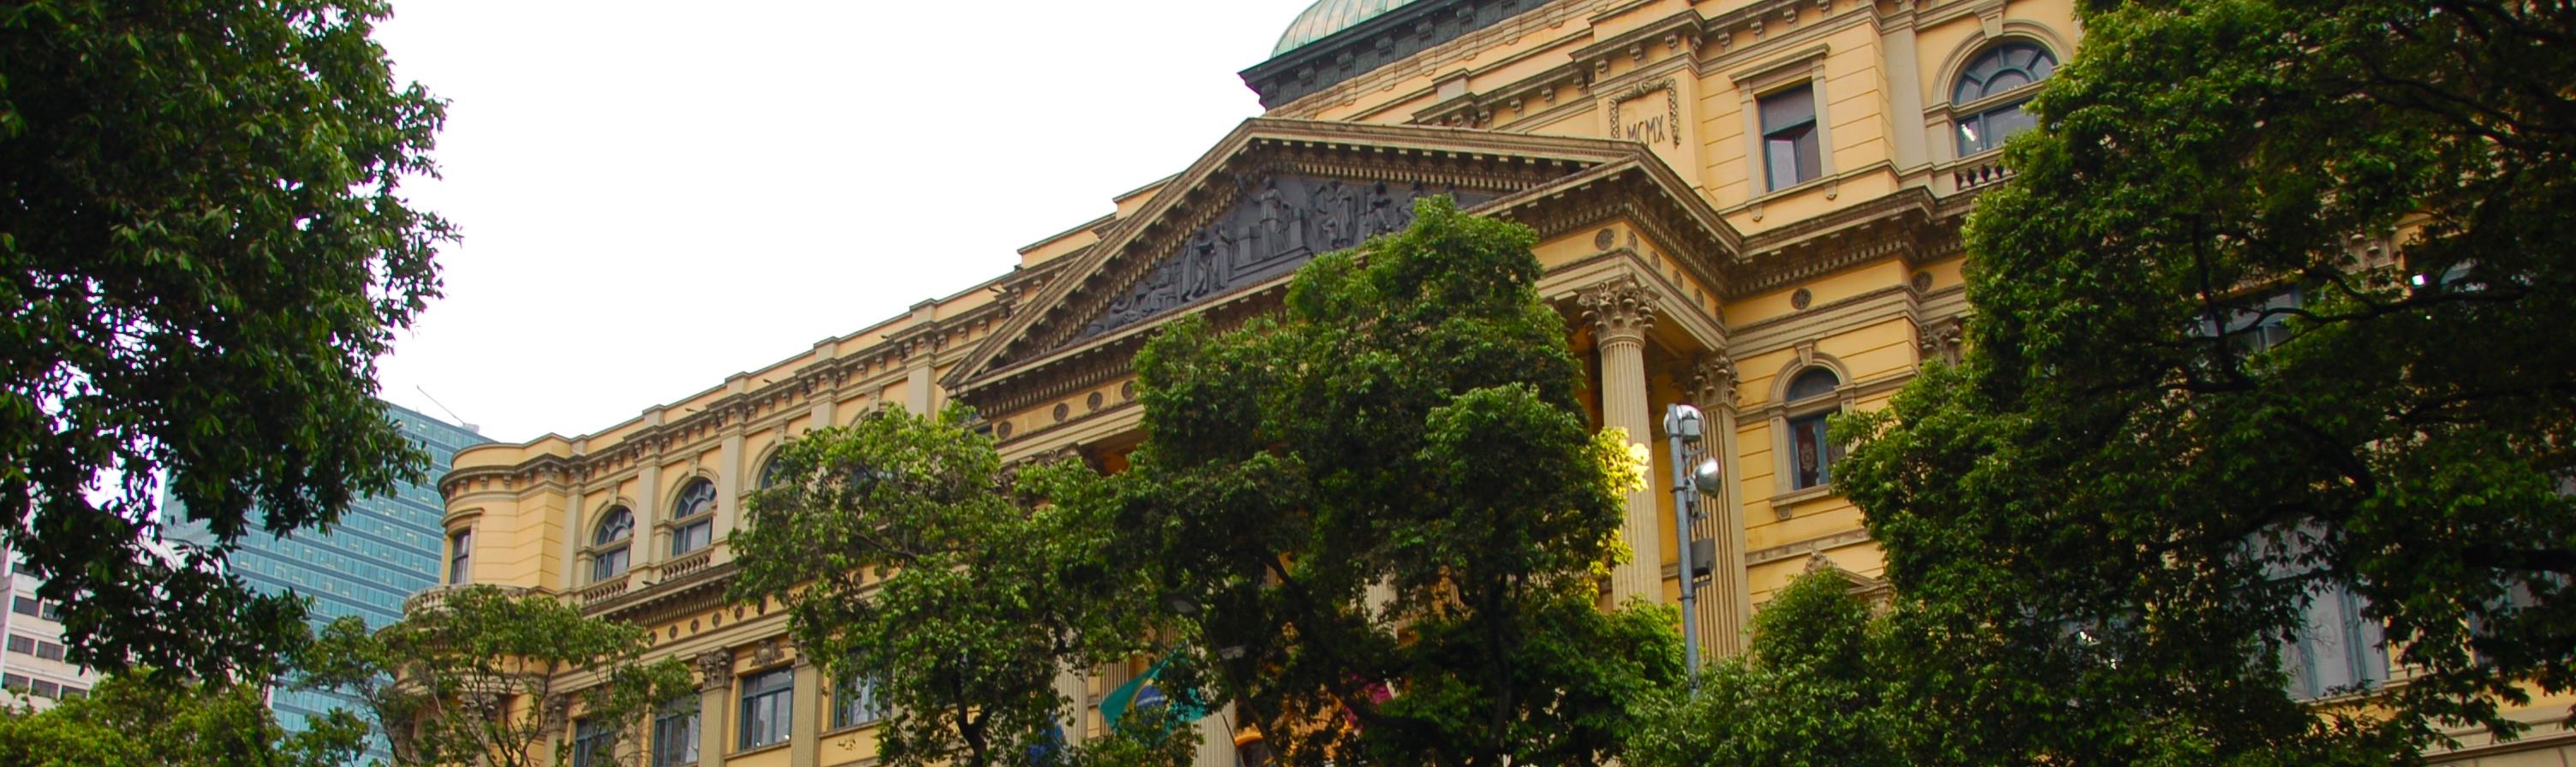 Biblioteca Nacional, Rio de Janeiro